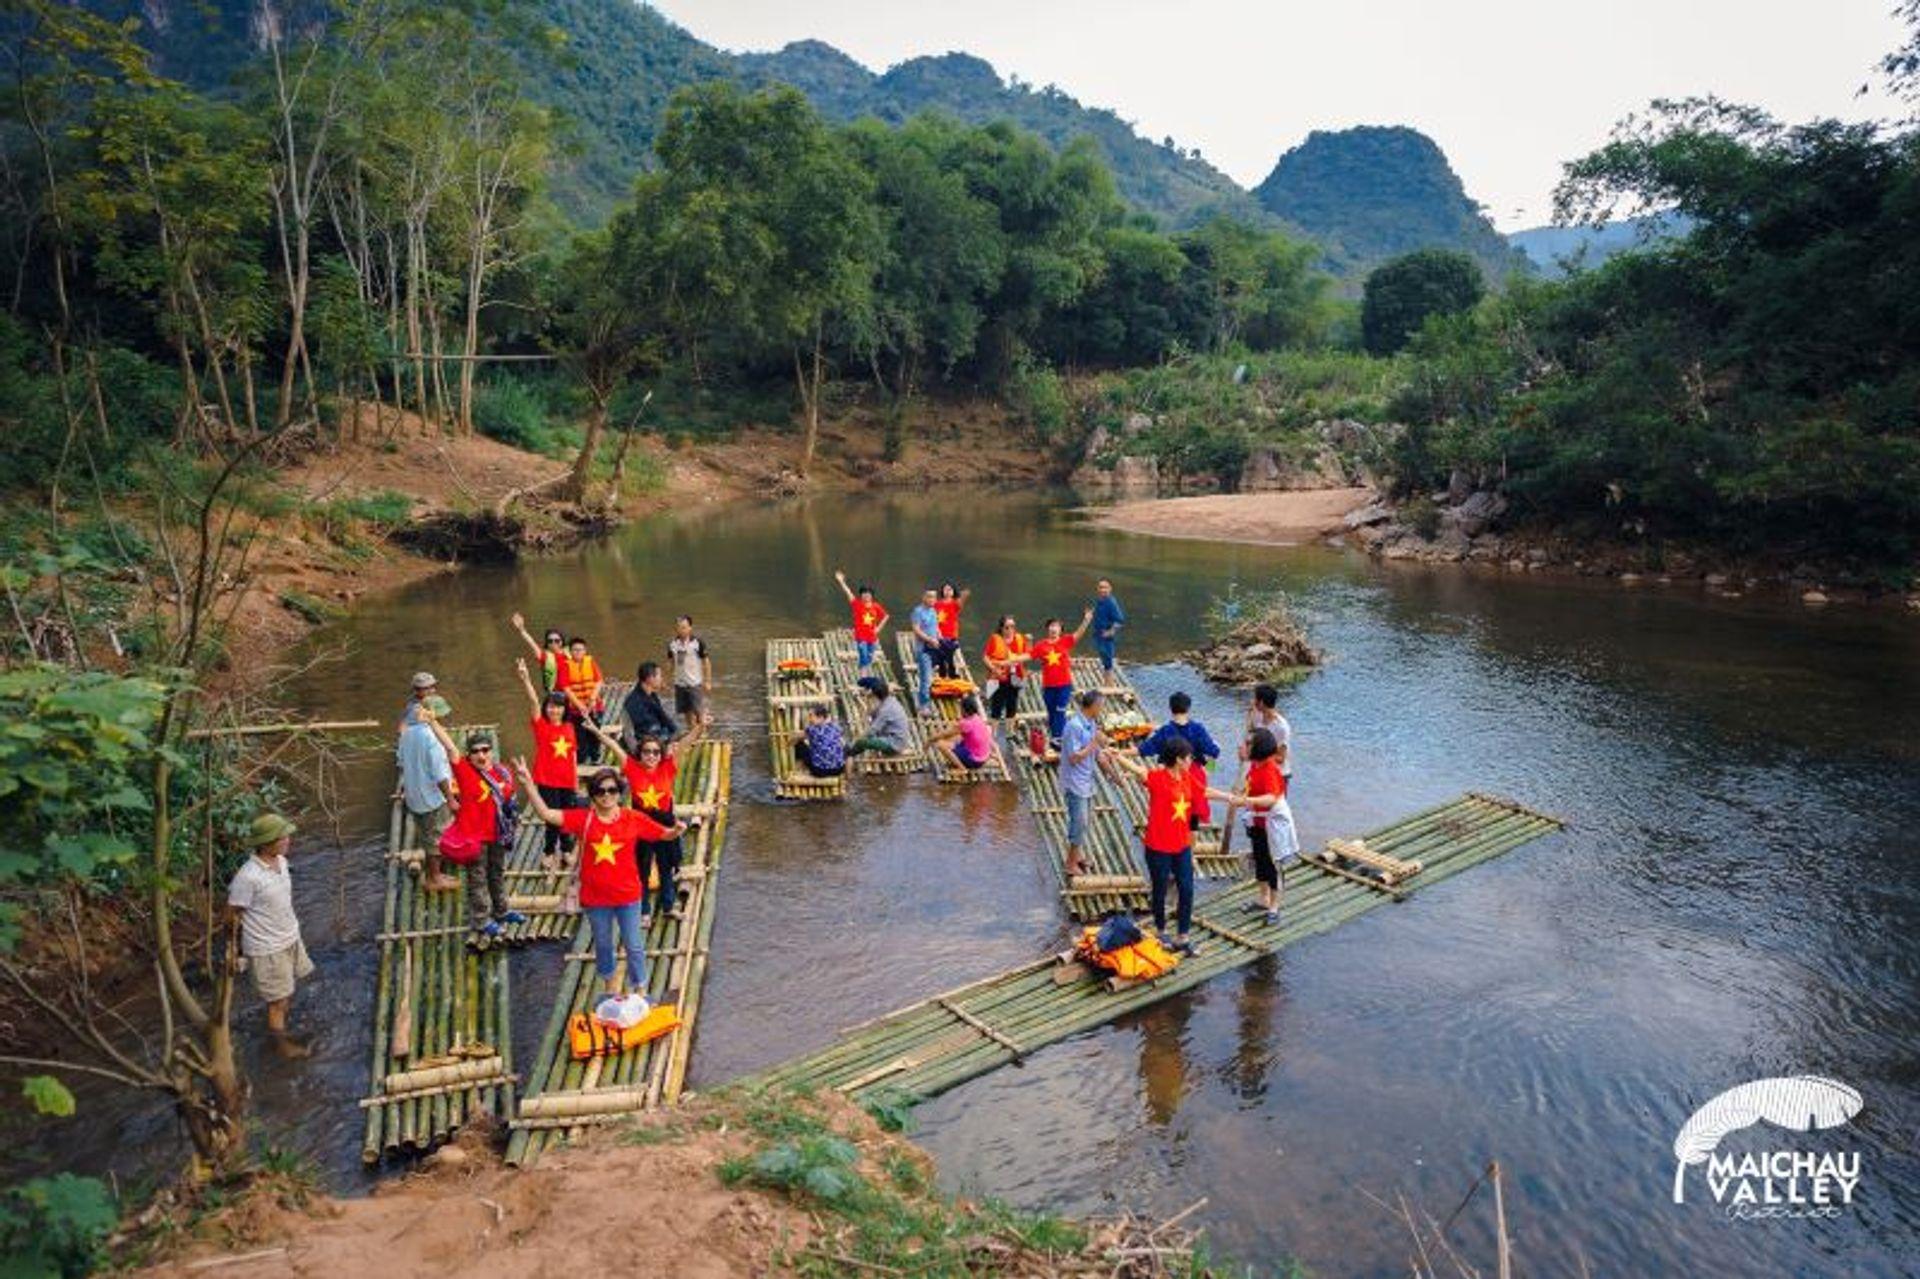 hoat dong tai mai chau valley retreat hoa binh